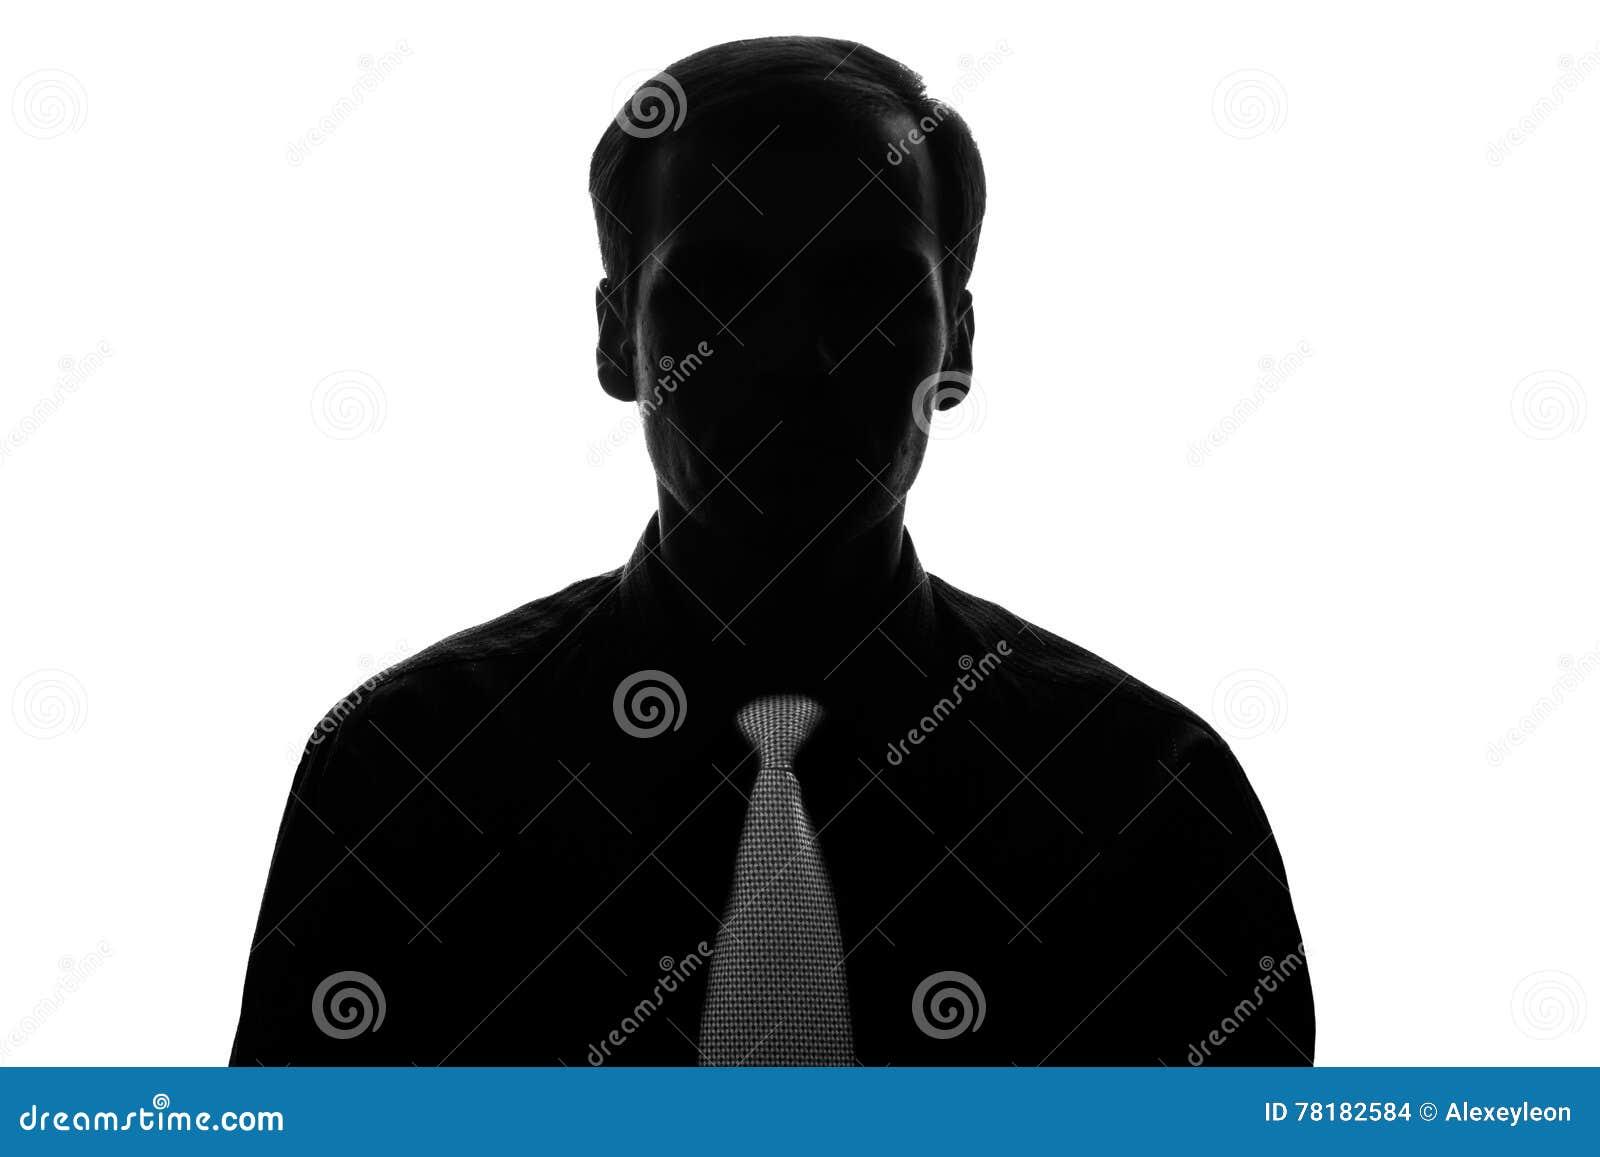 Νεαρός άνδρας πορτρέτου στο κοστούμι, δεσμός στη σκιαγραφία - μπροστινή άποψη